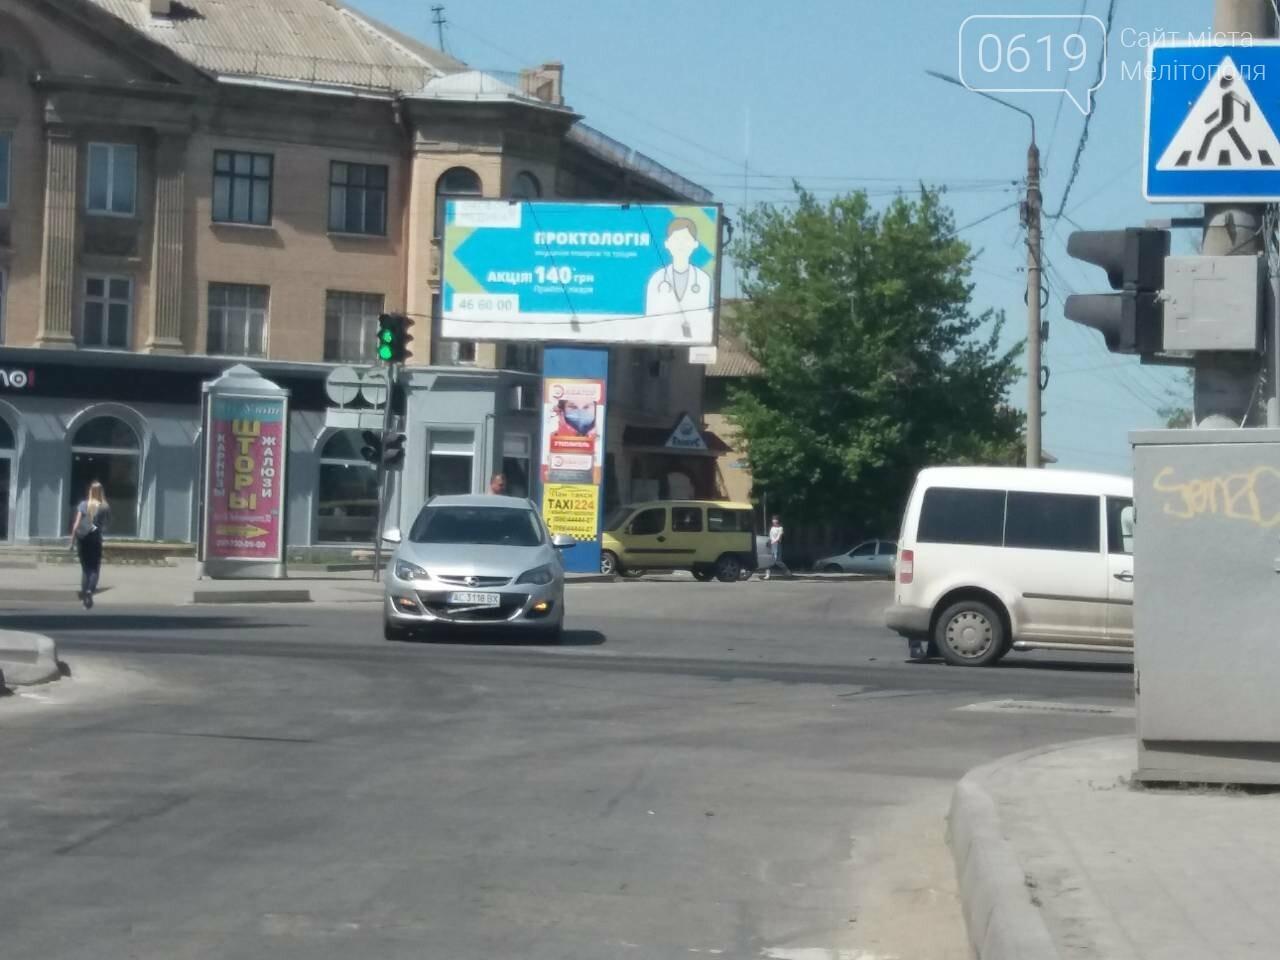 В Мелитополе столкнулись Volkswagen и Opel, - ФОТО, фото-2, Фото сайта 0619